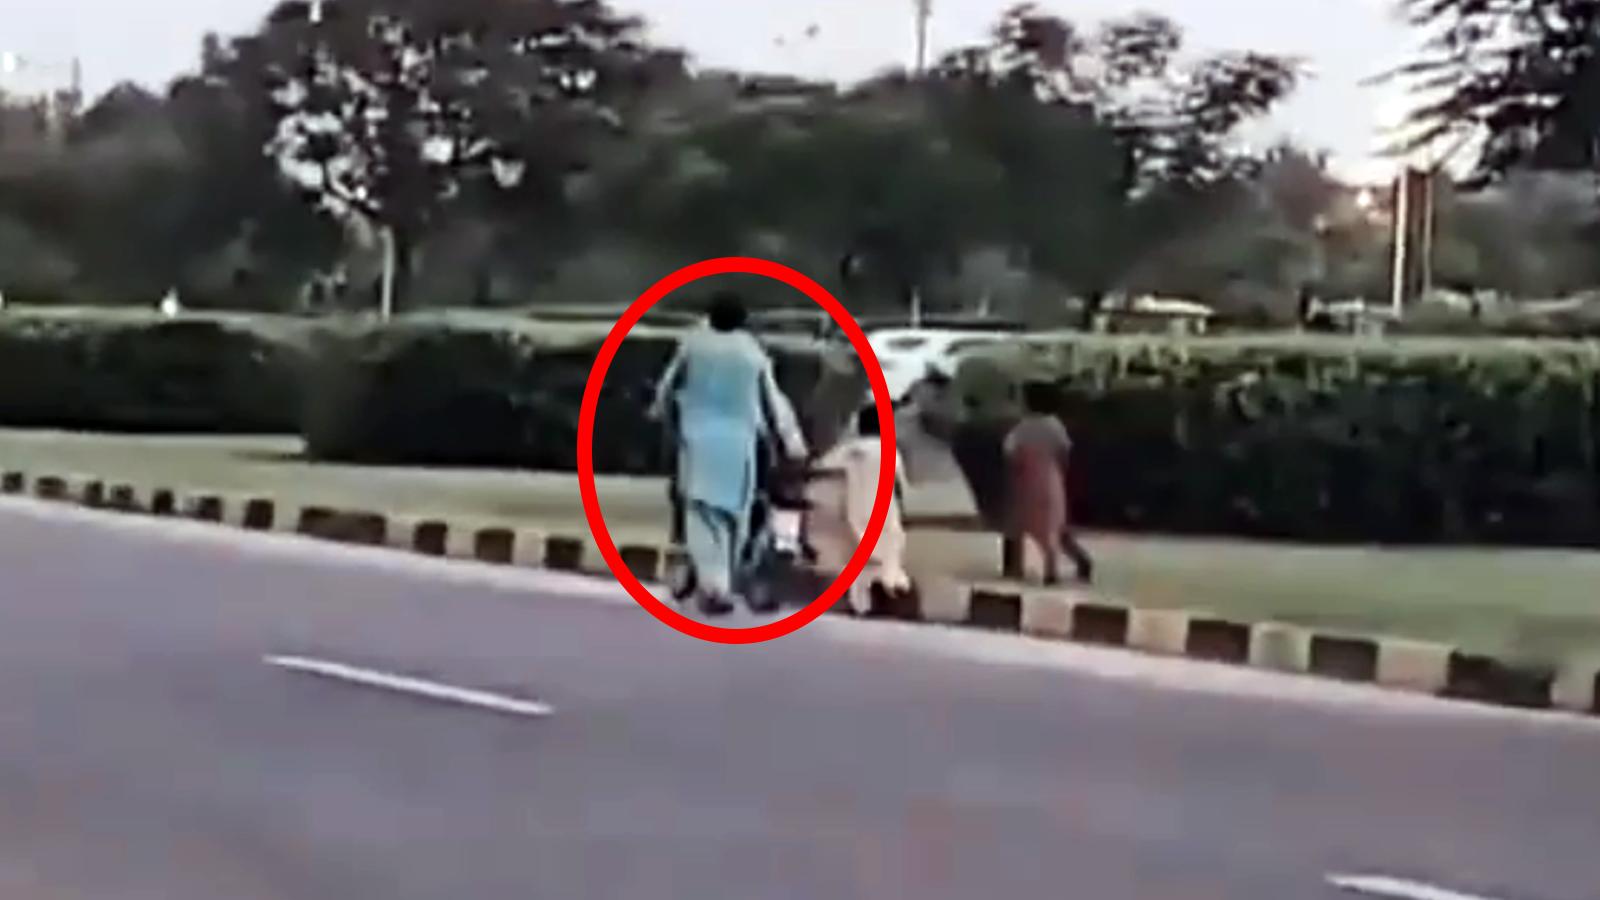 ۔ یہ ویڈیو ایک شوہر کی جانب سے اہلیہ کو موٹر سائیکل سکھانے کی ہے۔